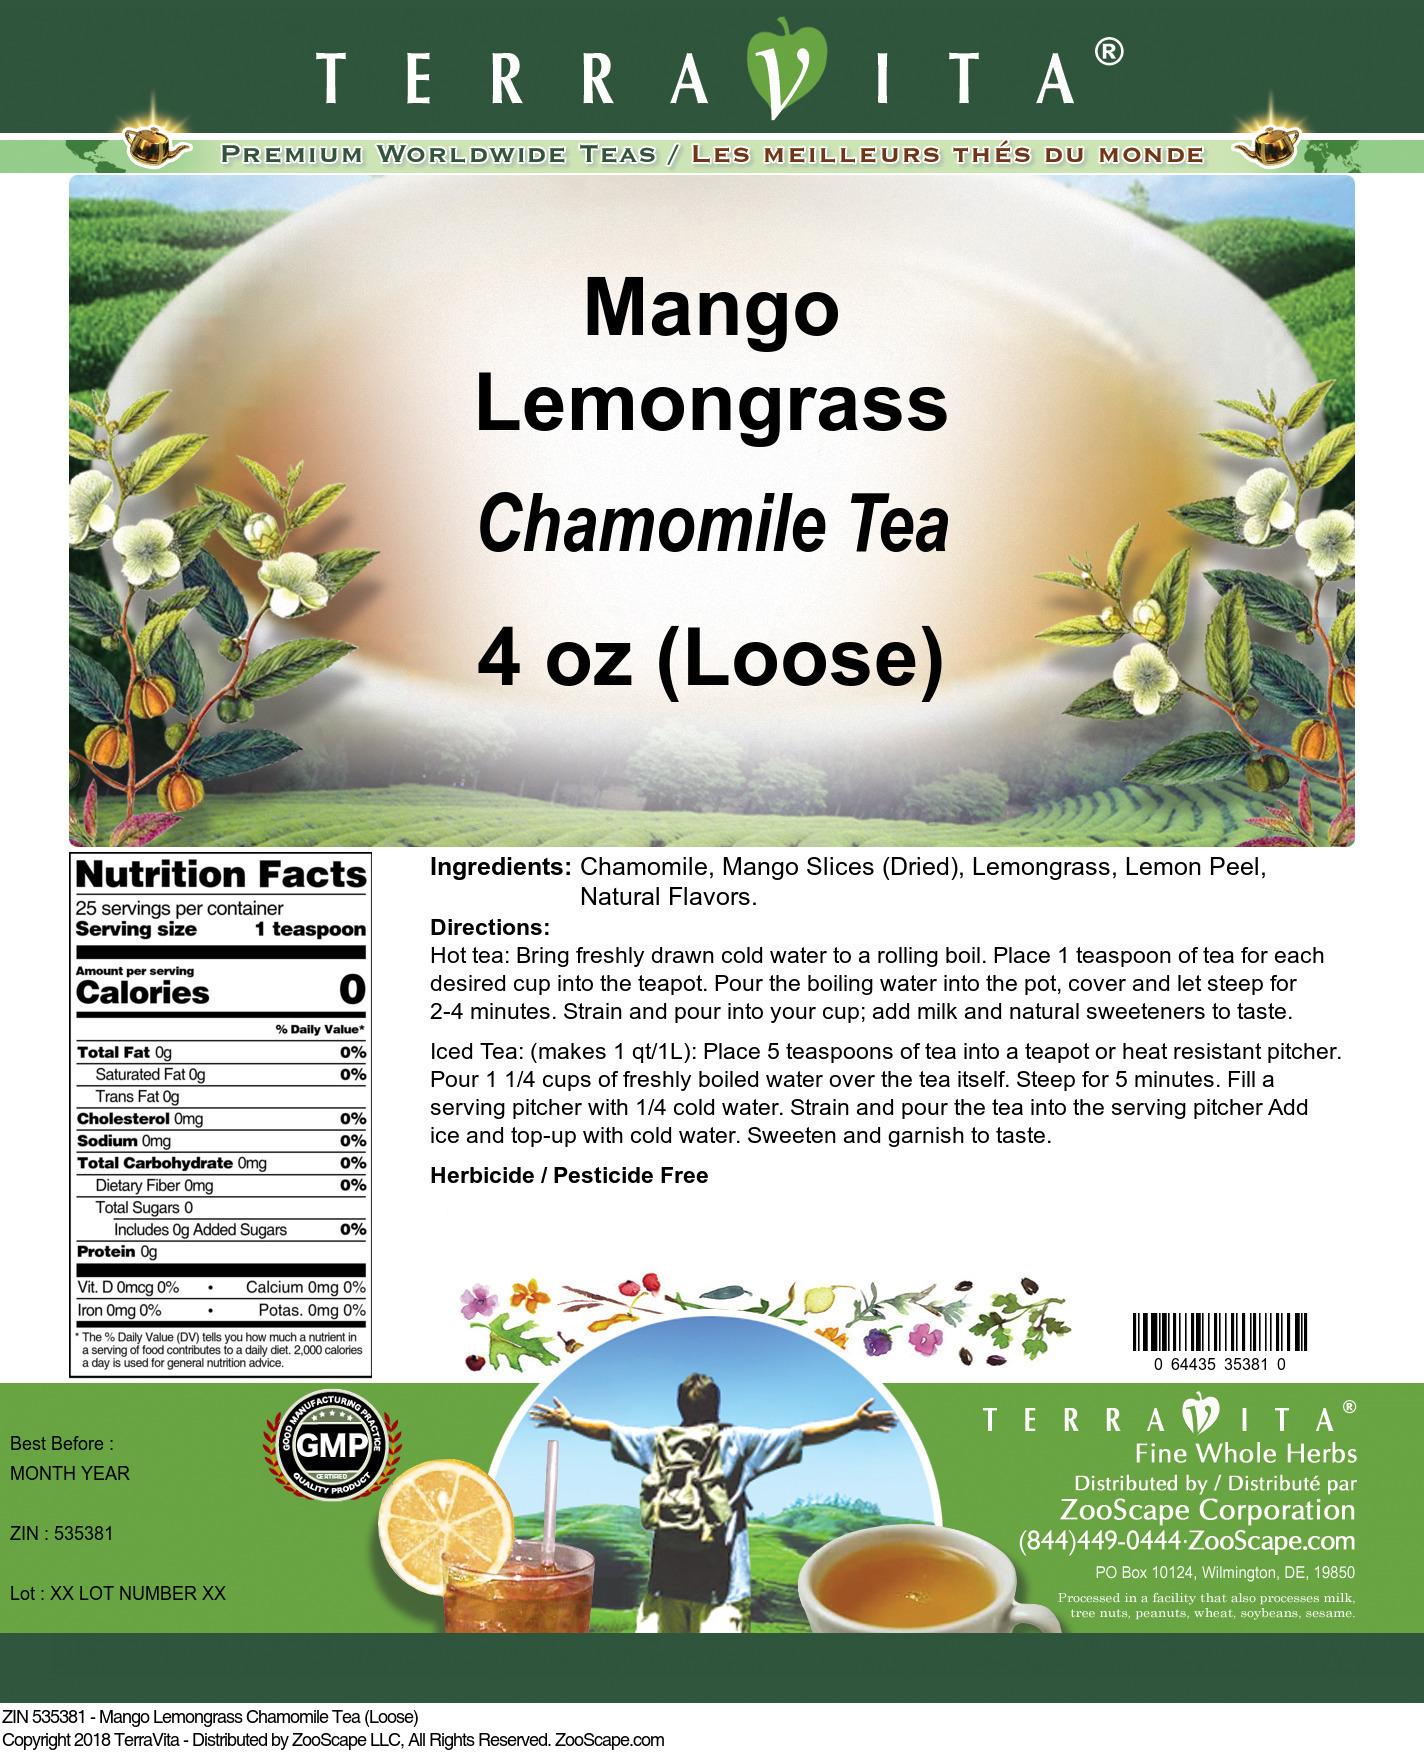 Mango Lemongrass Chamomile Tea